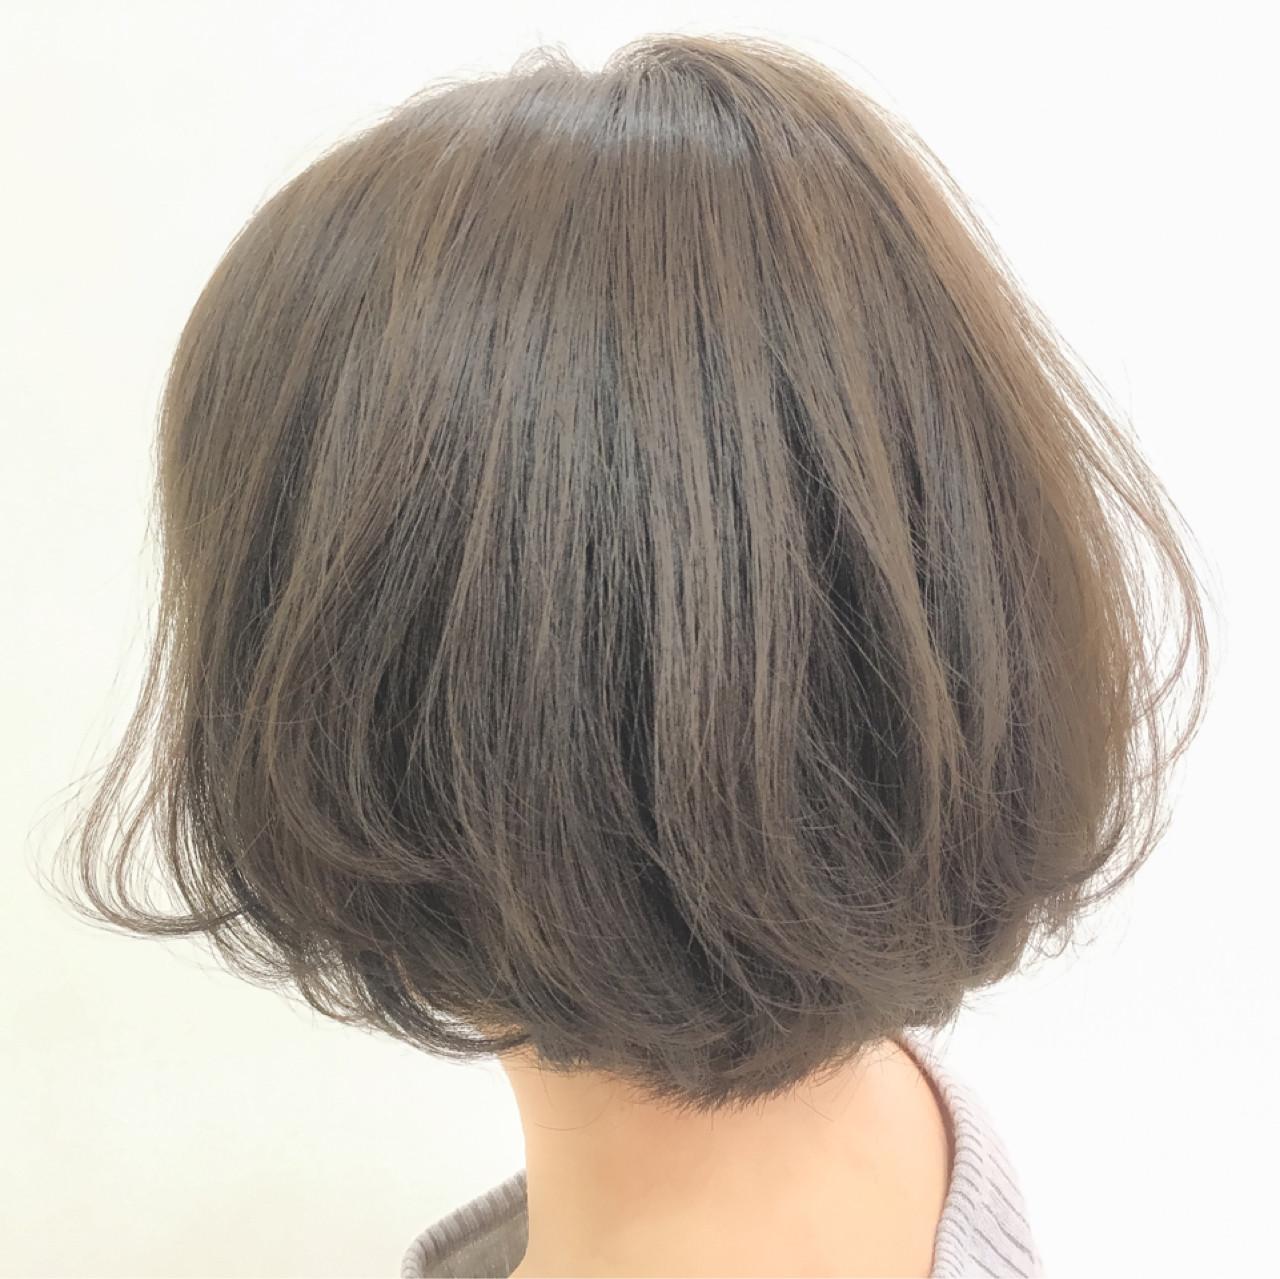 グレージュ ボブ アッシュベージュ ナチュラル ヘアスタイルや髪型の写真・画像 | 齊藤 禎 / AUBE hair gran